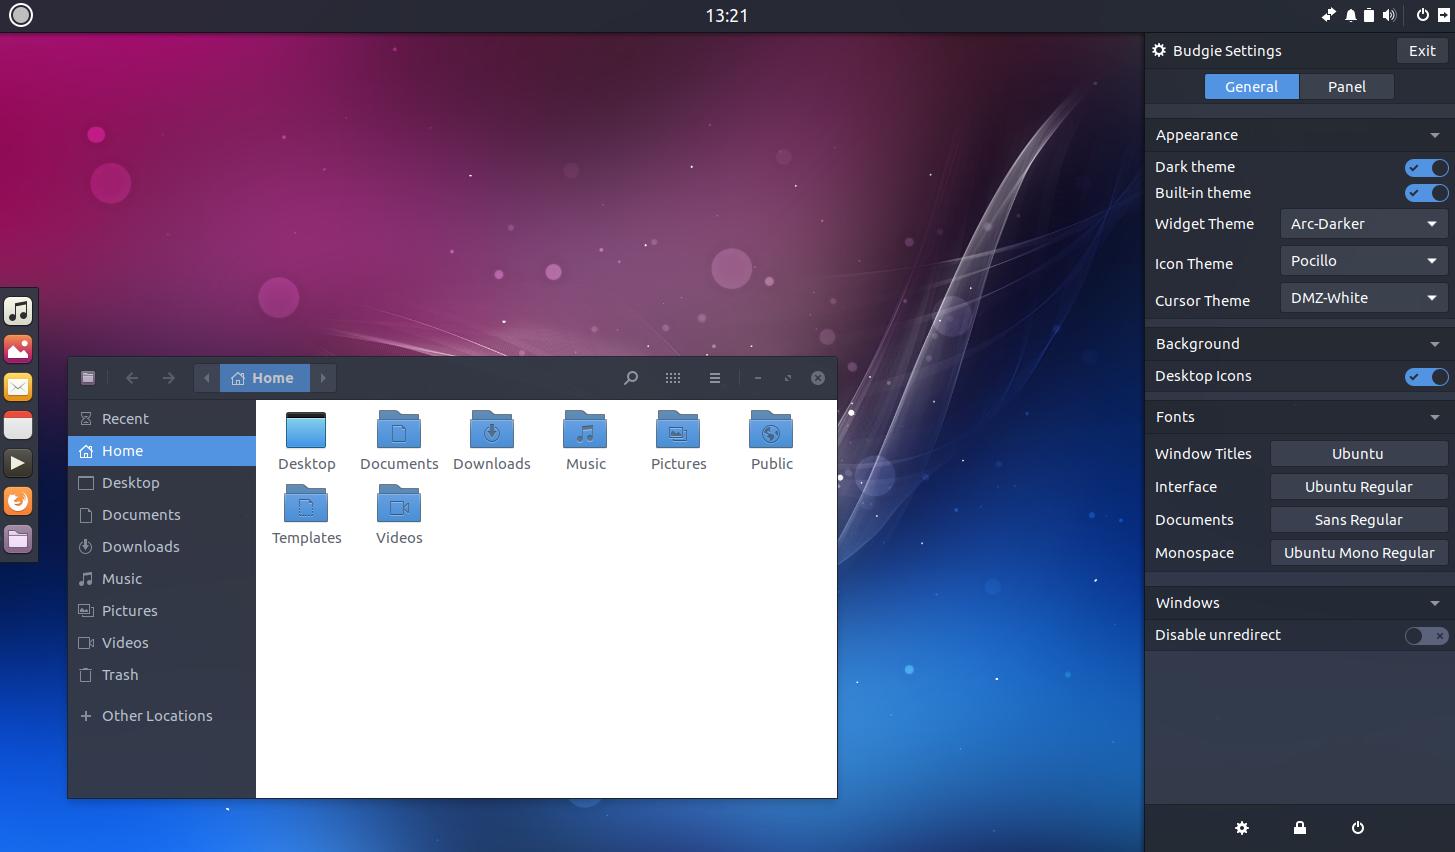 Ubuntu Budgie Becomes An Official Ubuntu Flavor ~ Web Upd8: Ubuntu